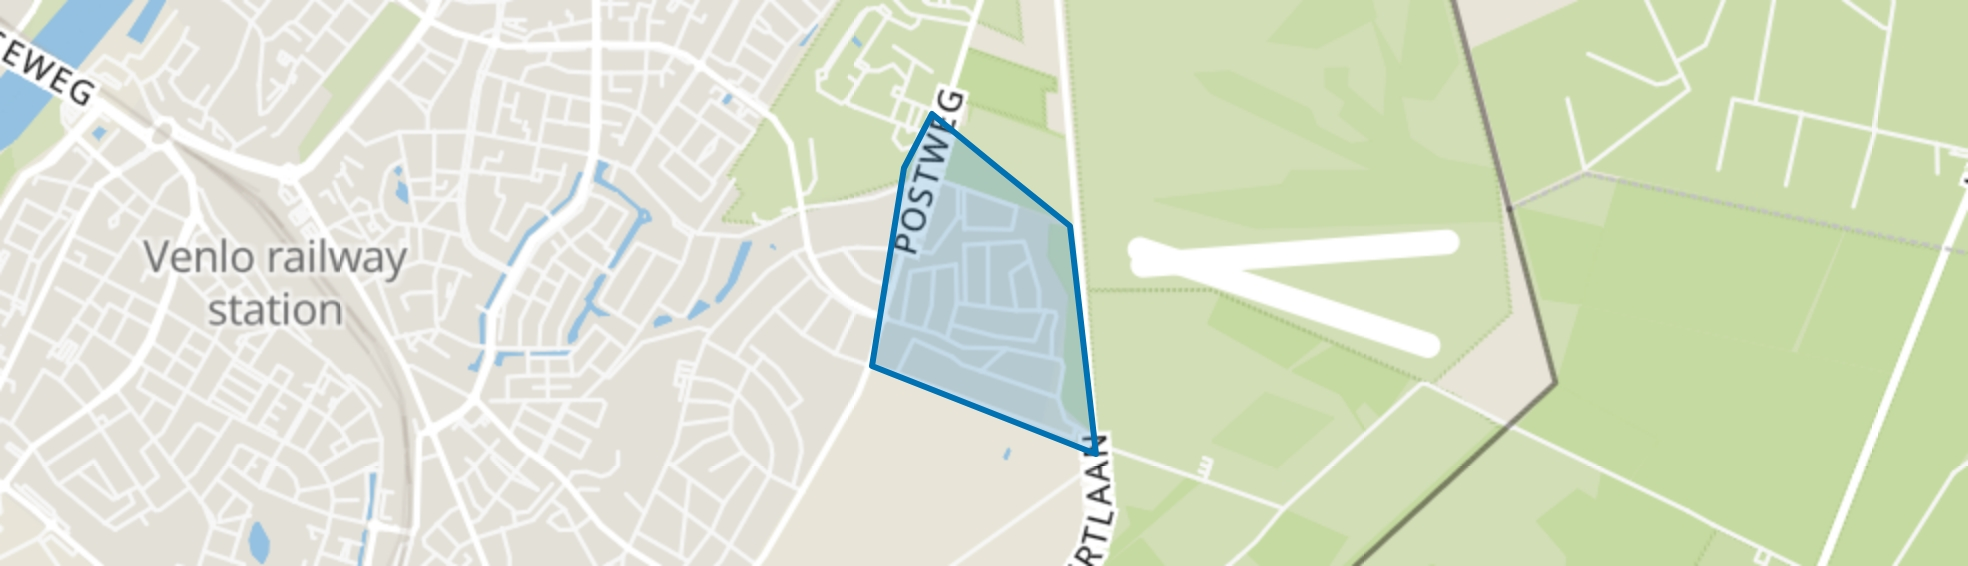 Stalberg-oost, Venlo map